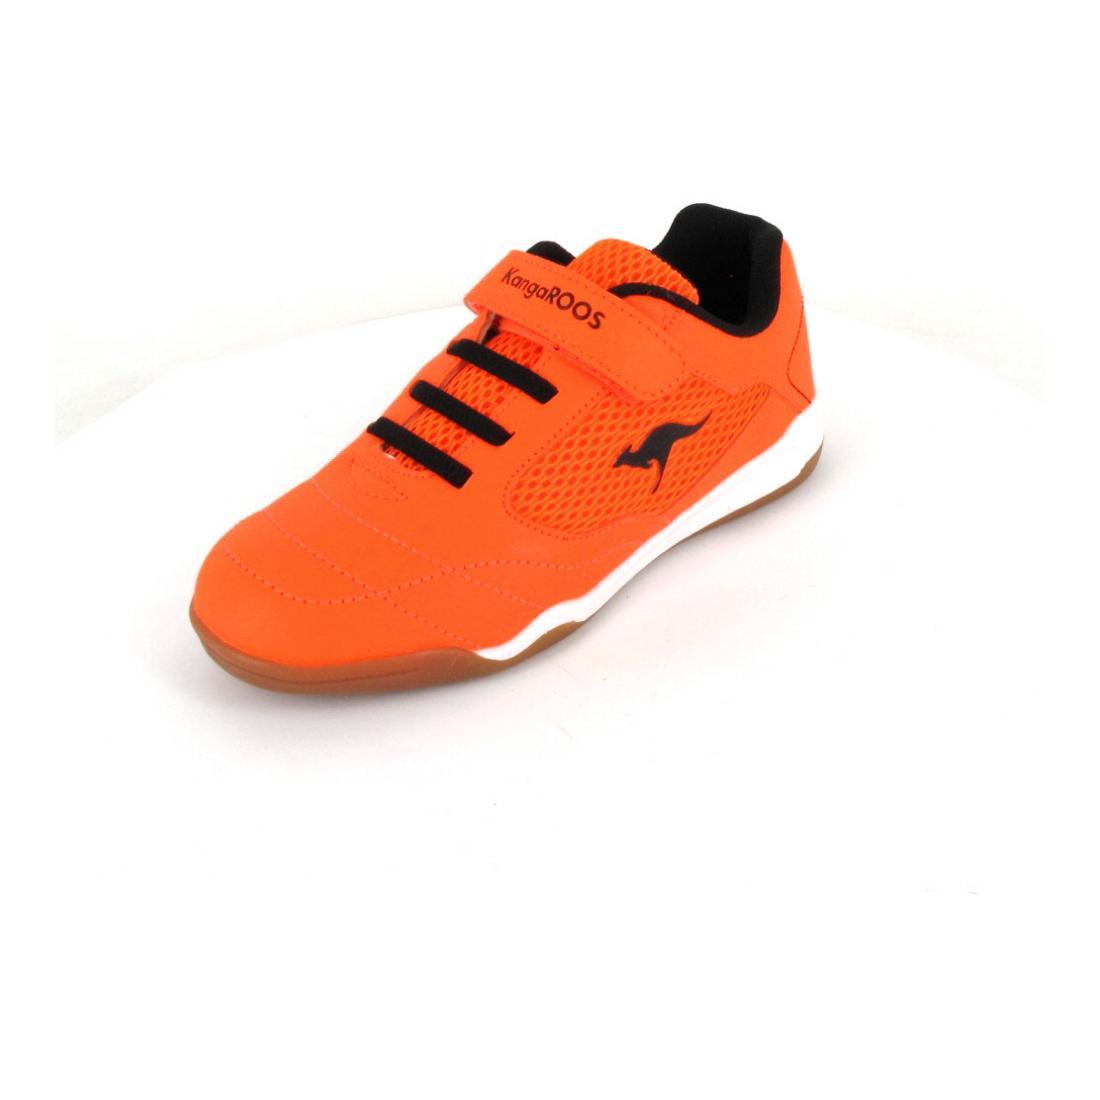 KangaRoos Sneaker RaceYard